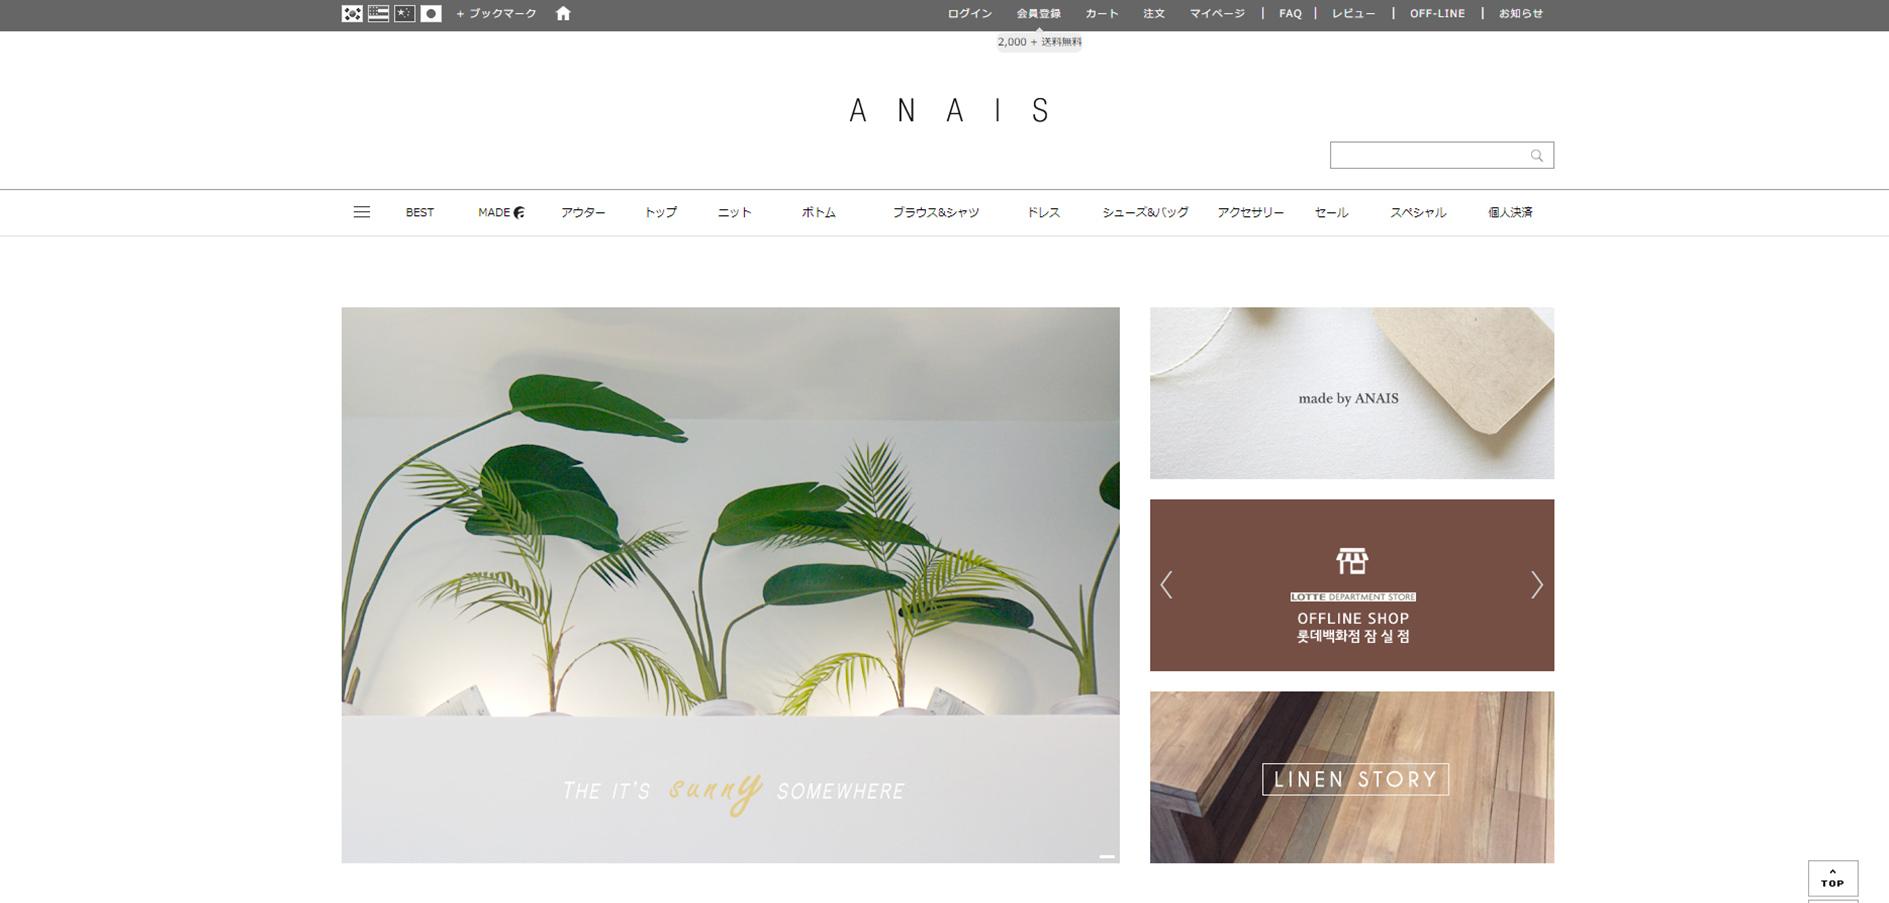 20代におすすめな韓国ファッション通販サイトのANAIS(アナイス)!